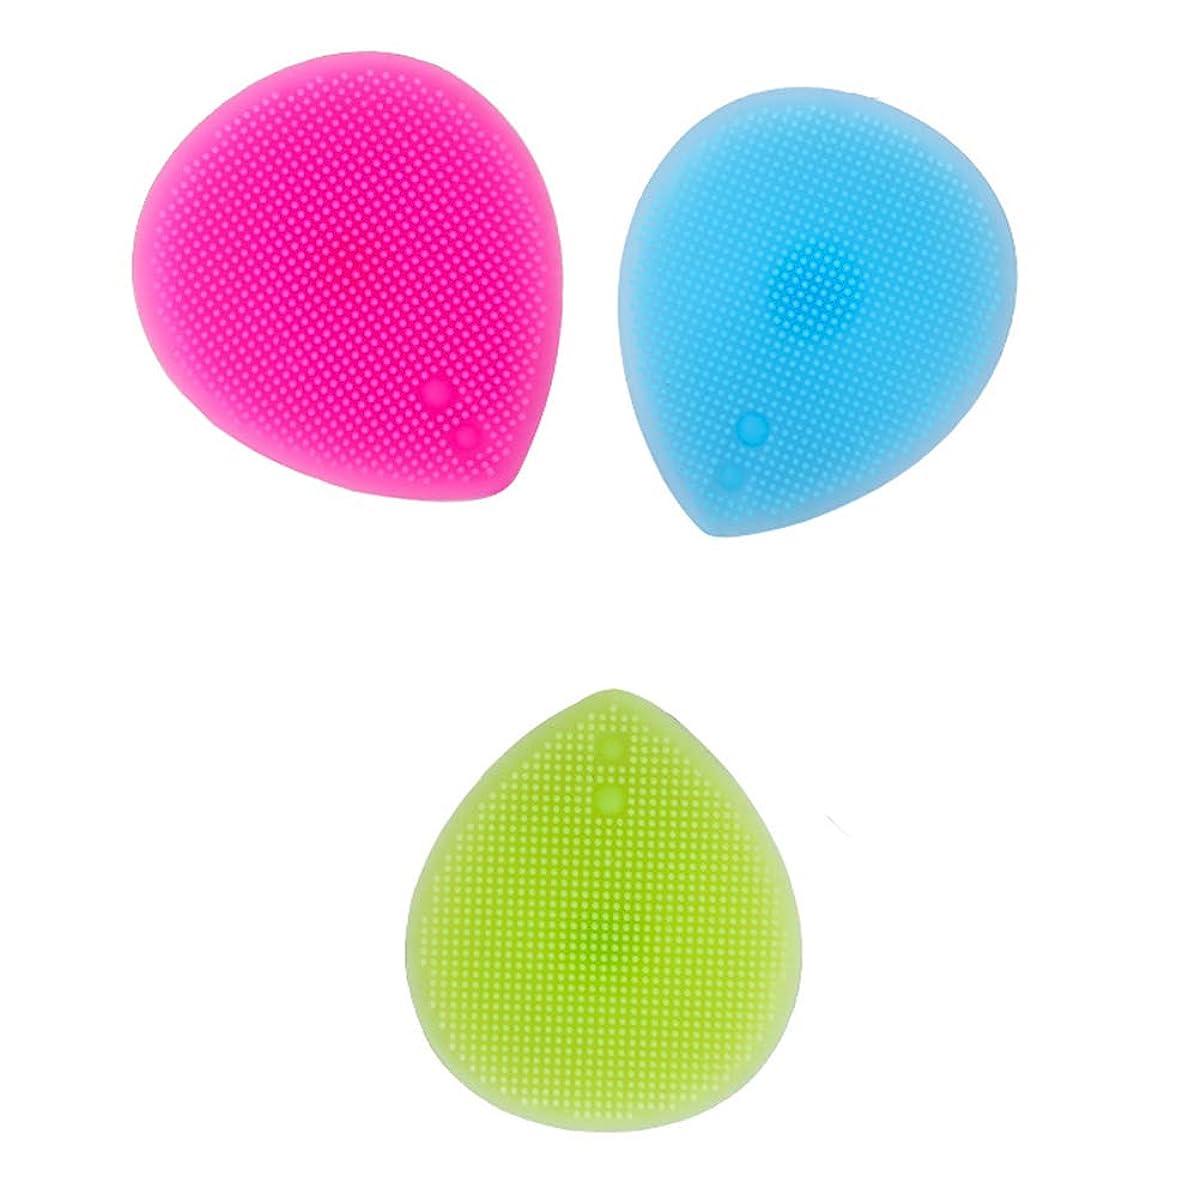 別に繰り返したリネンLurrose 3PCSシリコーンフェイシャルクレンジングブラシ手動フェイシャルマッサージブラシ女性用(ブルー+バラ色+グリーン)